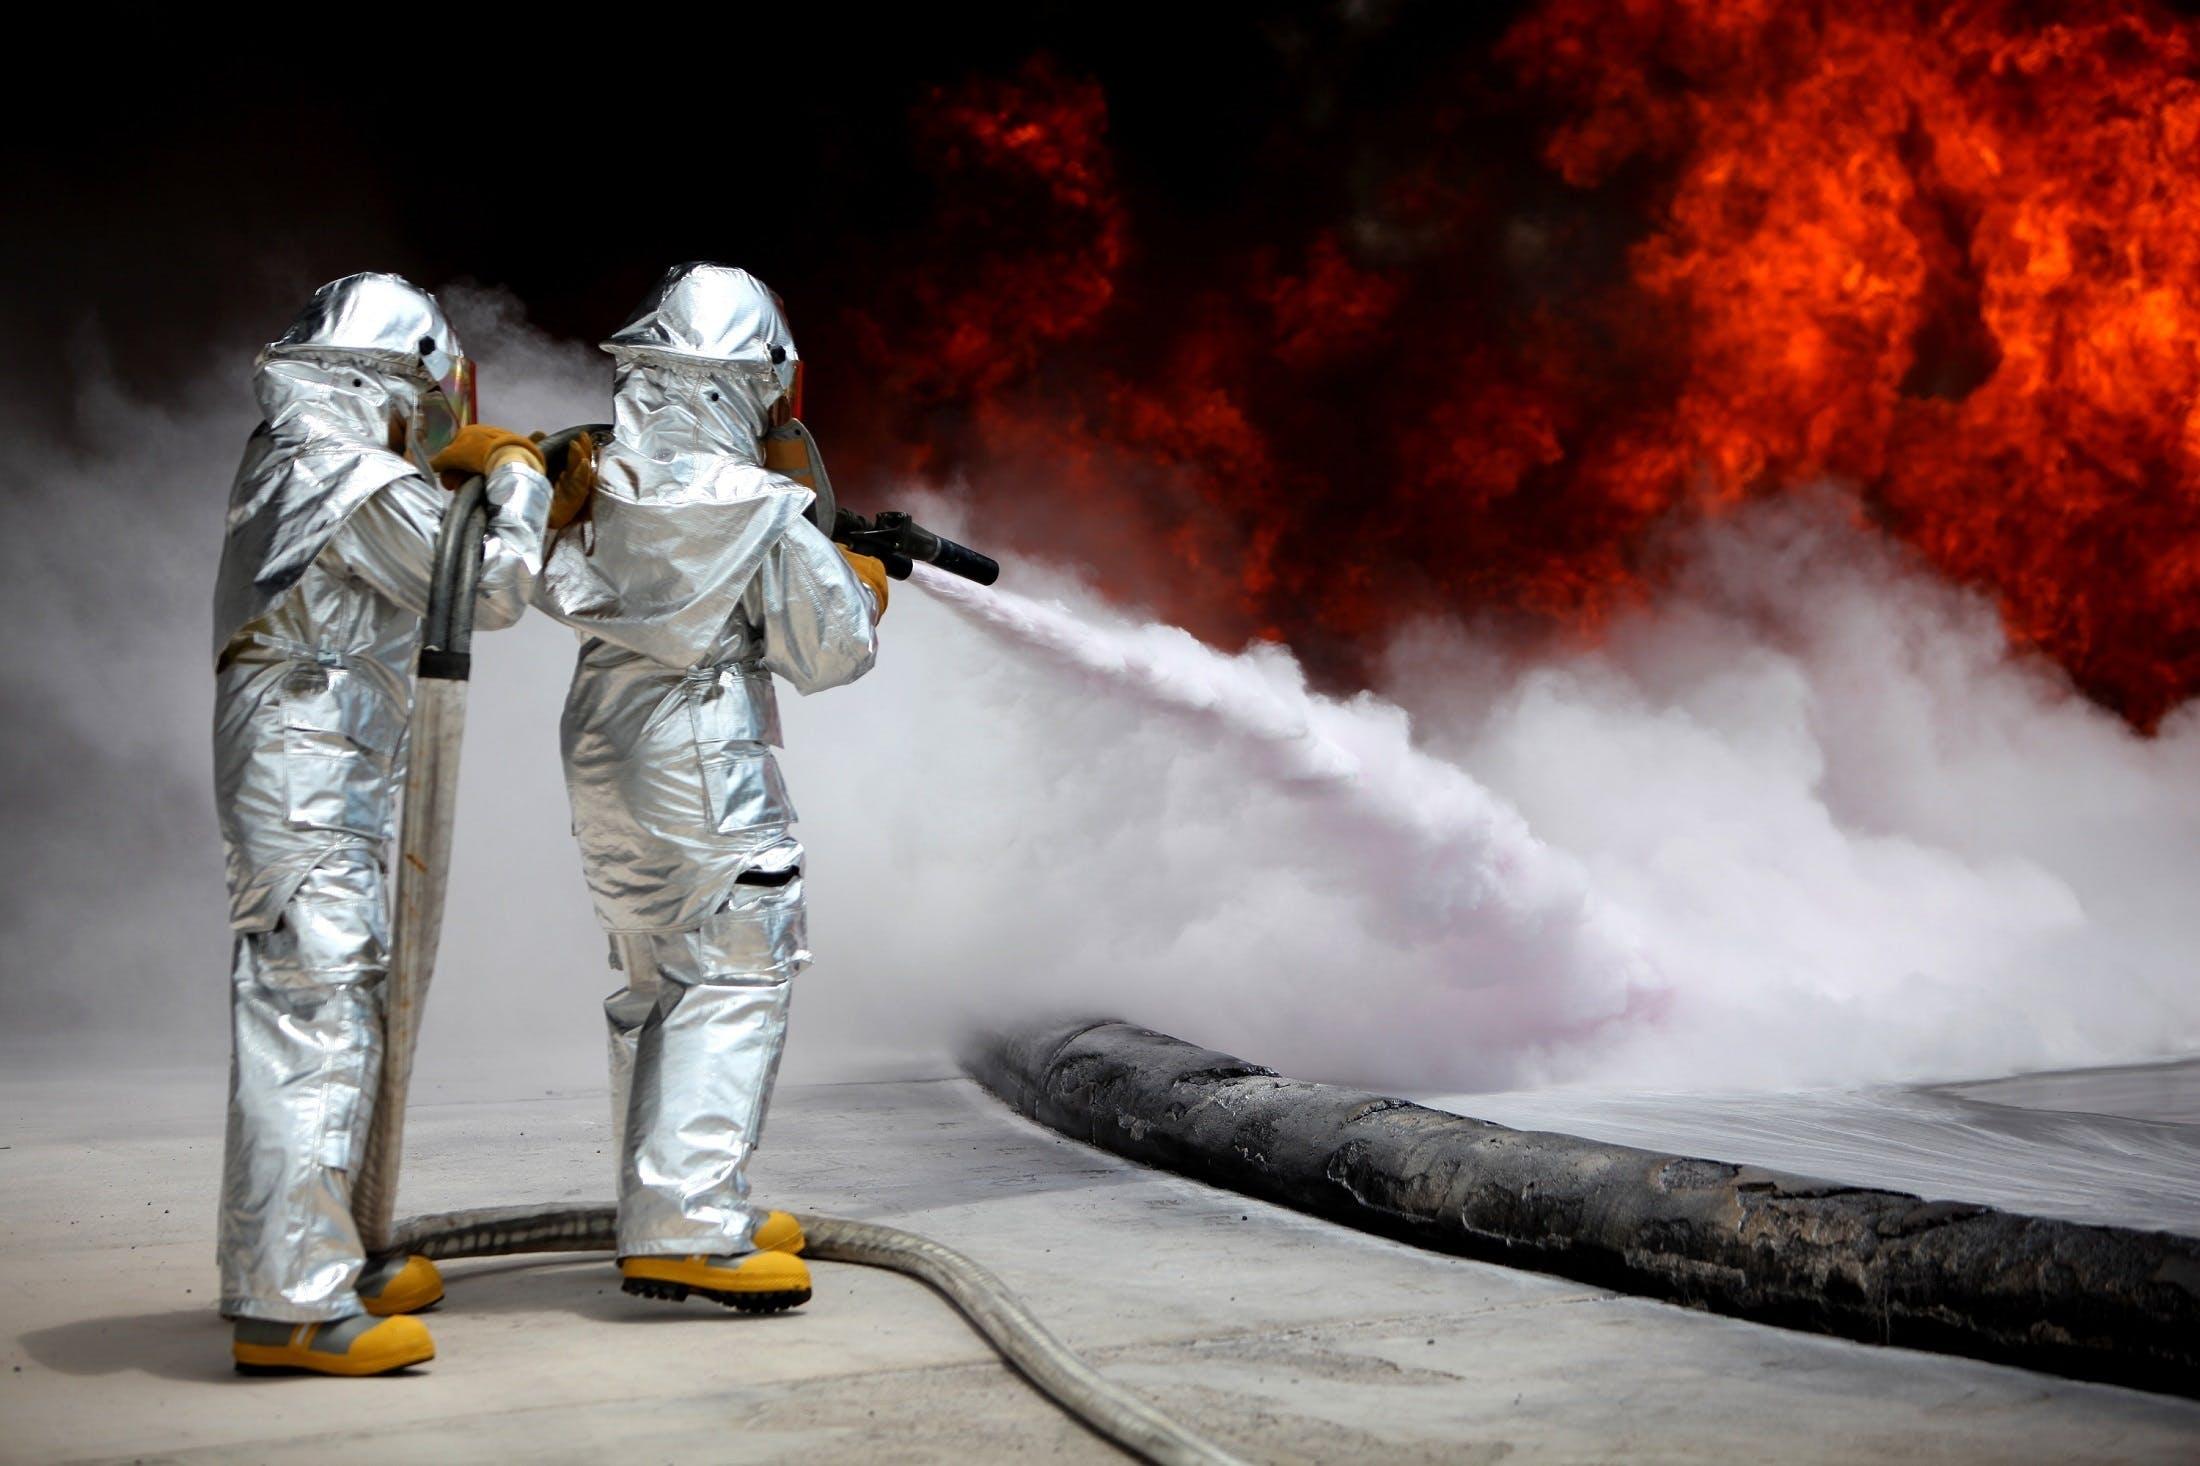 Kostnadsfri bild av brand, fara, flamma, flottor